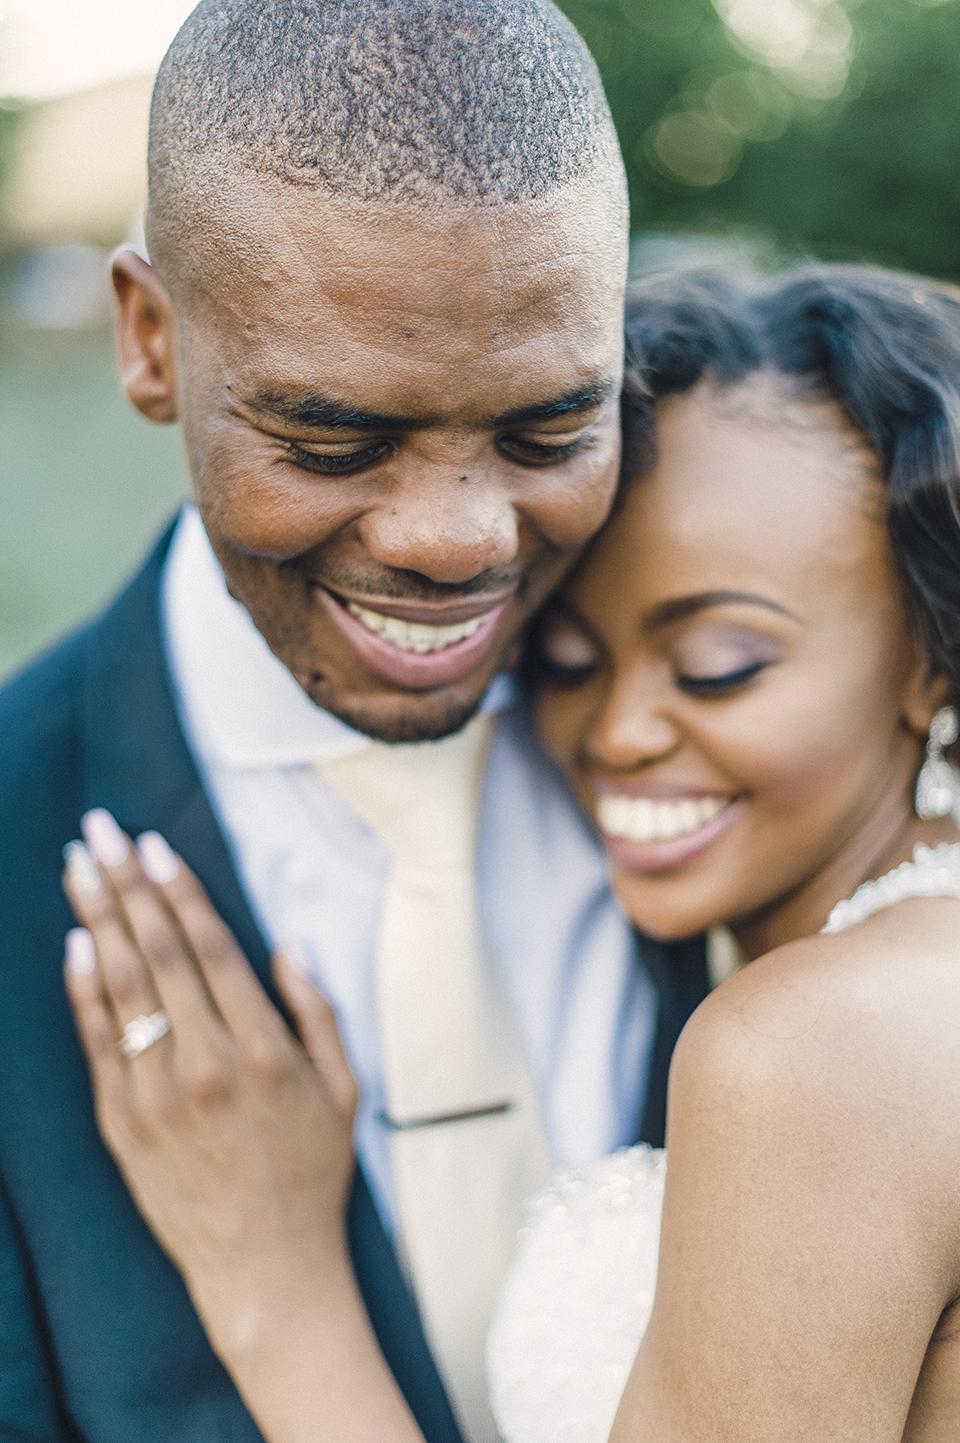 RyanParker_WeddingPhotographer_FineArt_CapeTown_Johannesburg_Hermanus_Avianto_T&L_DSC_9254.jpg